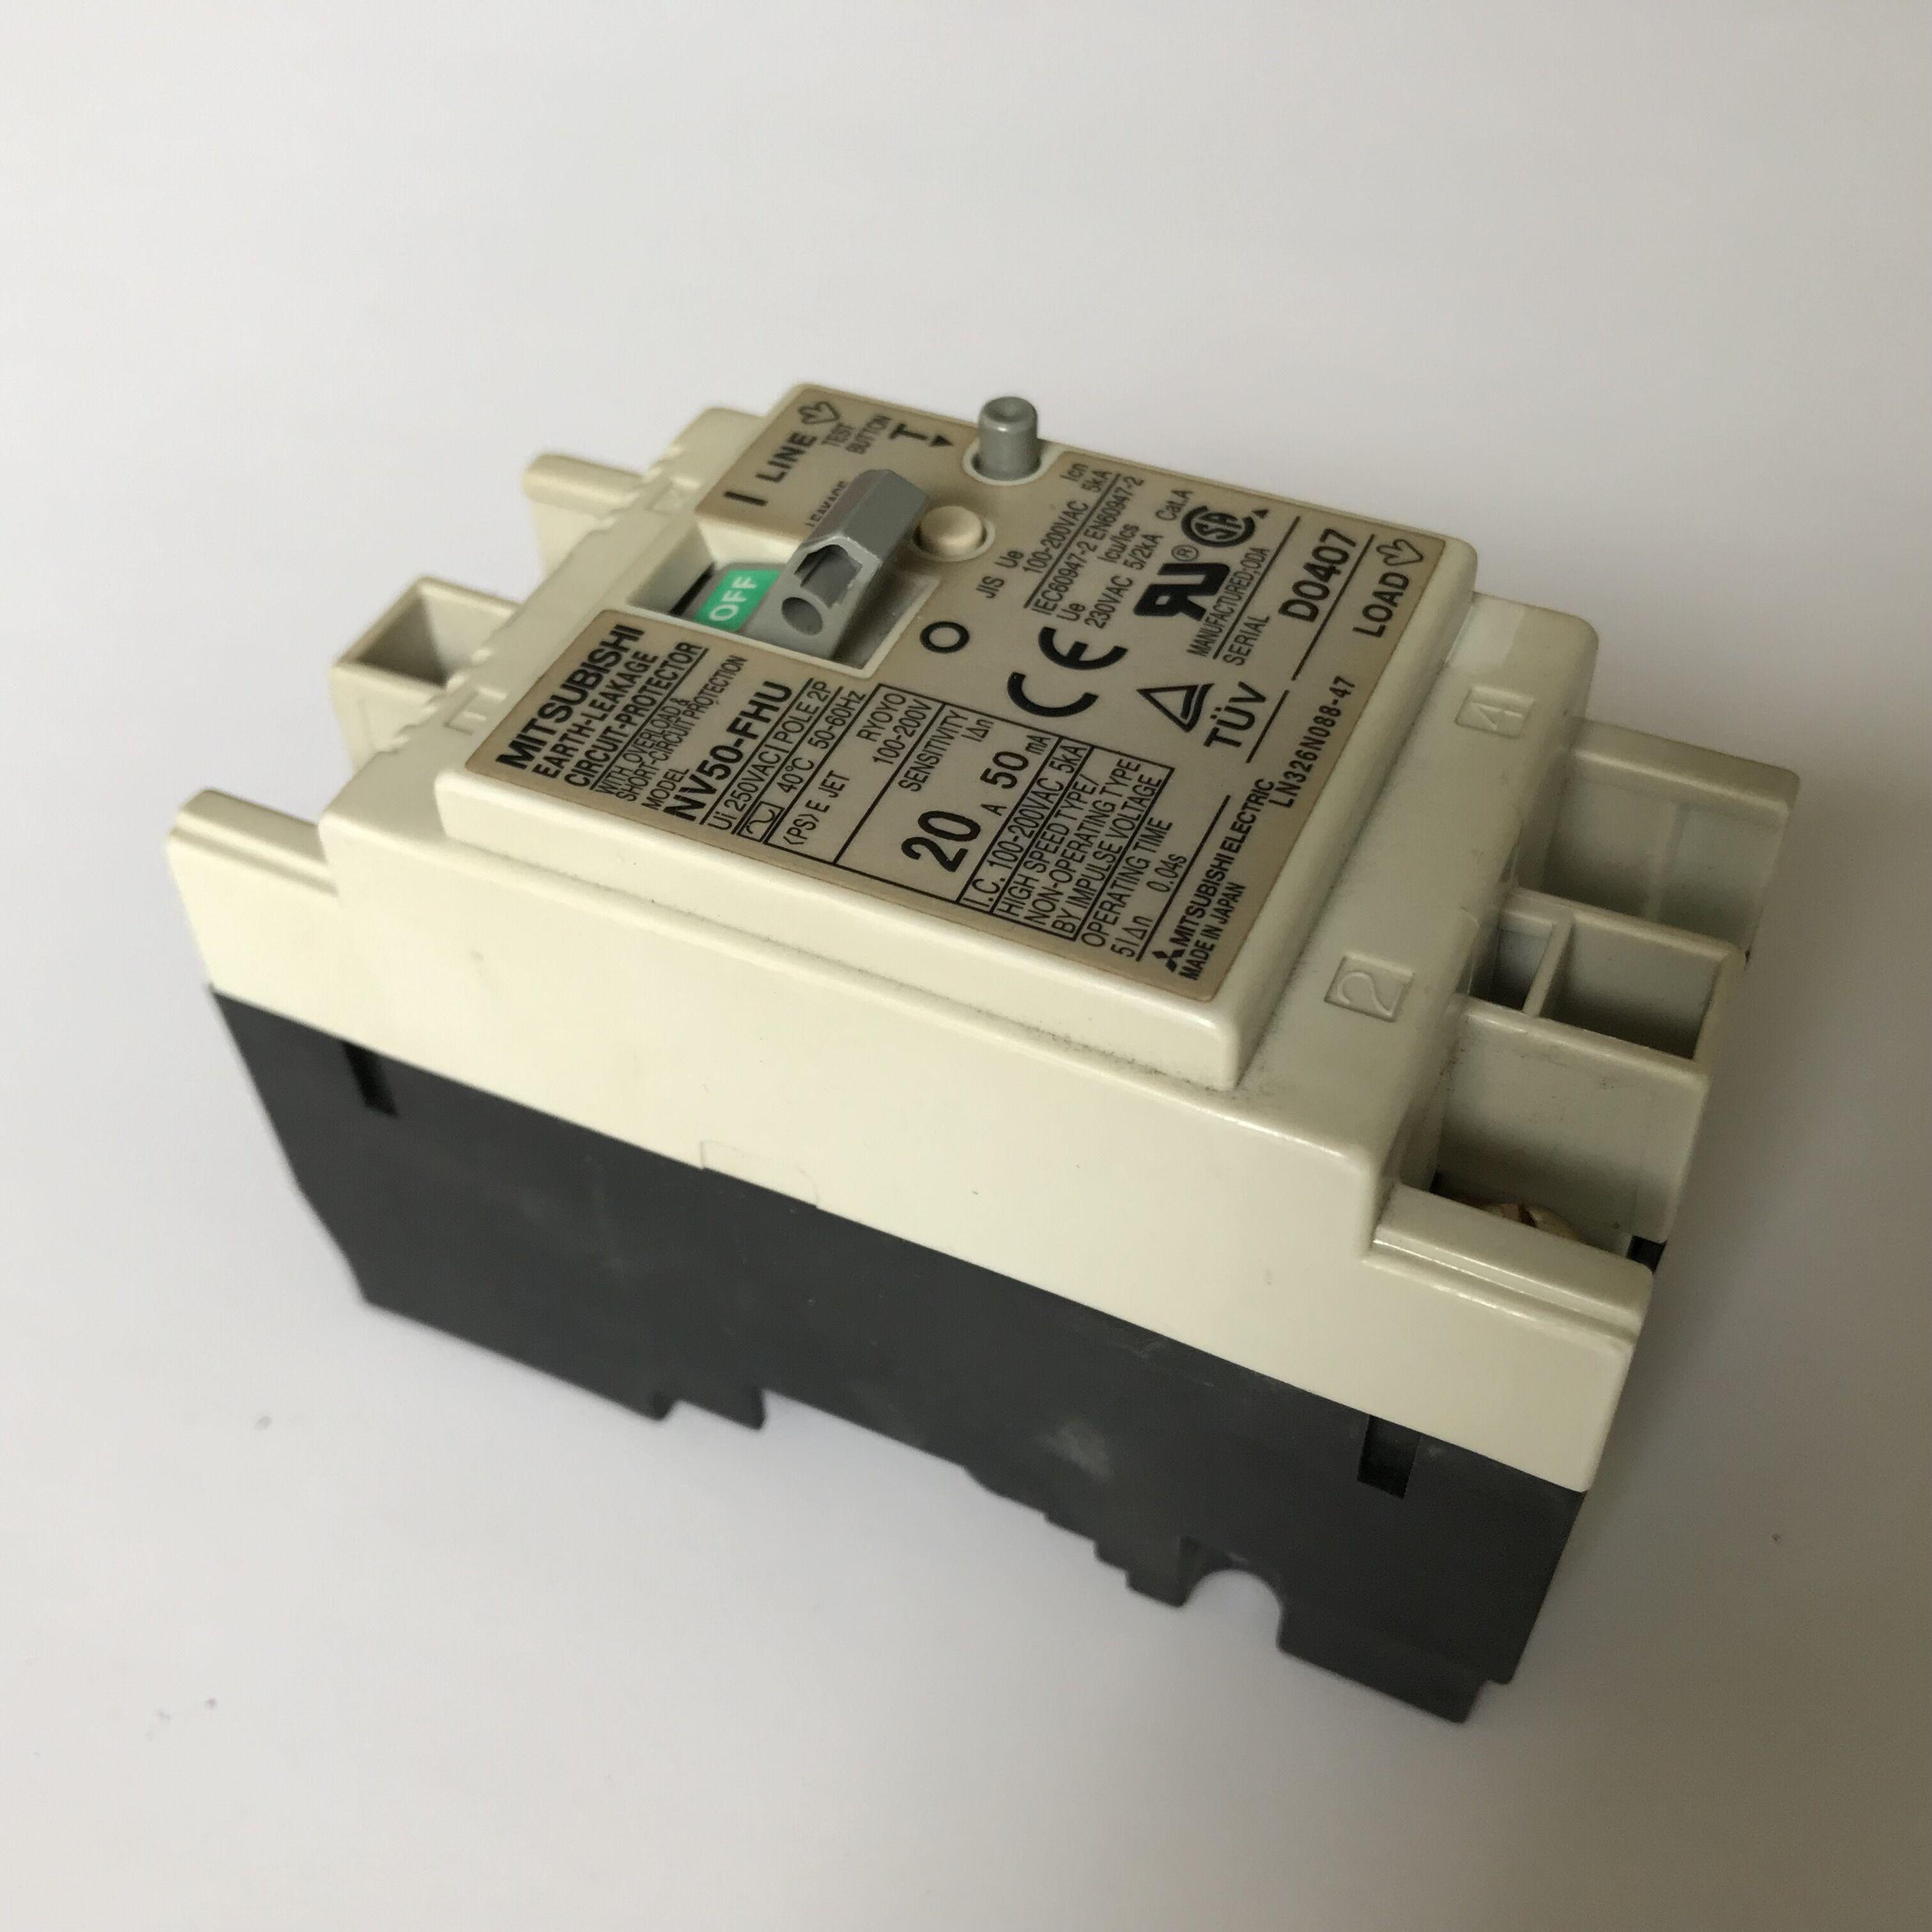 Used Breaker I022149 / I022149-00 for QSS32 series digital minilab,good working conditionUsed Breaker I022149 / I022149-00 for QSS32 series digital minilab,good working condition